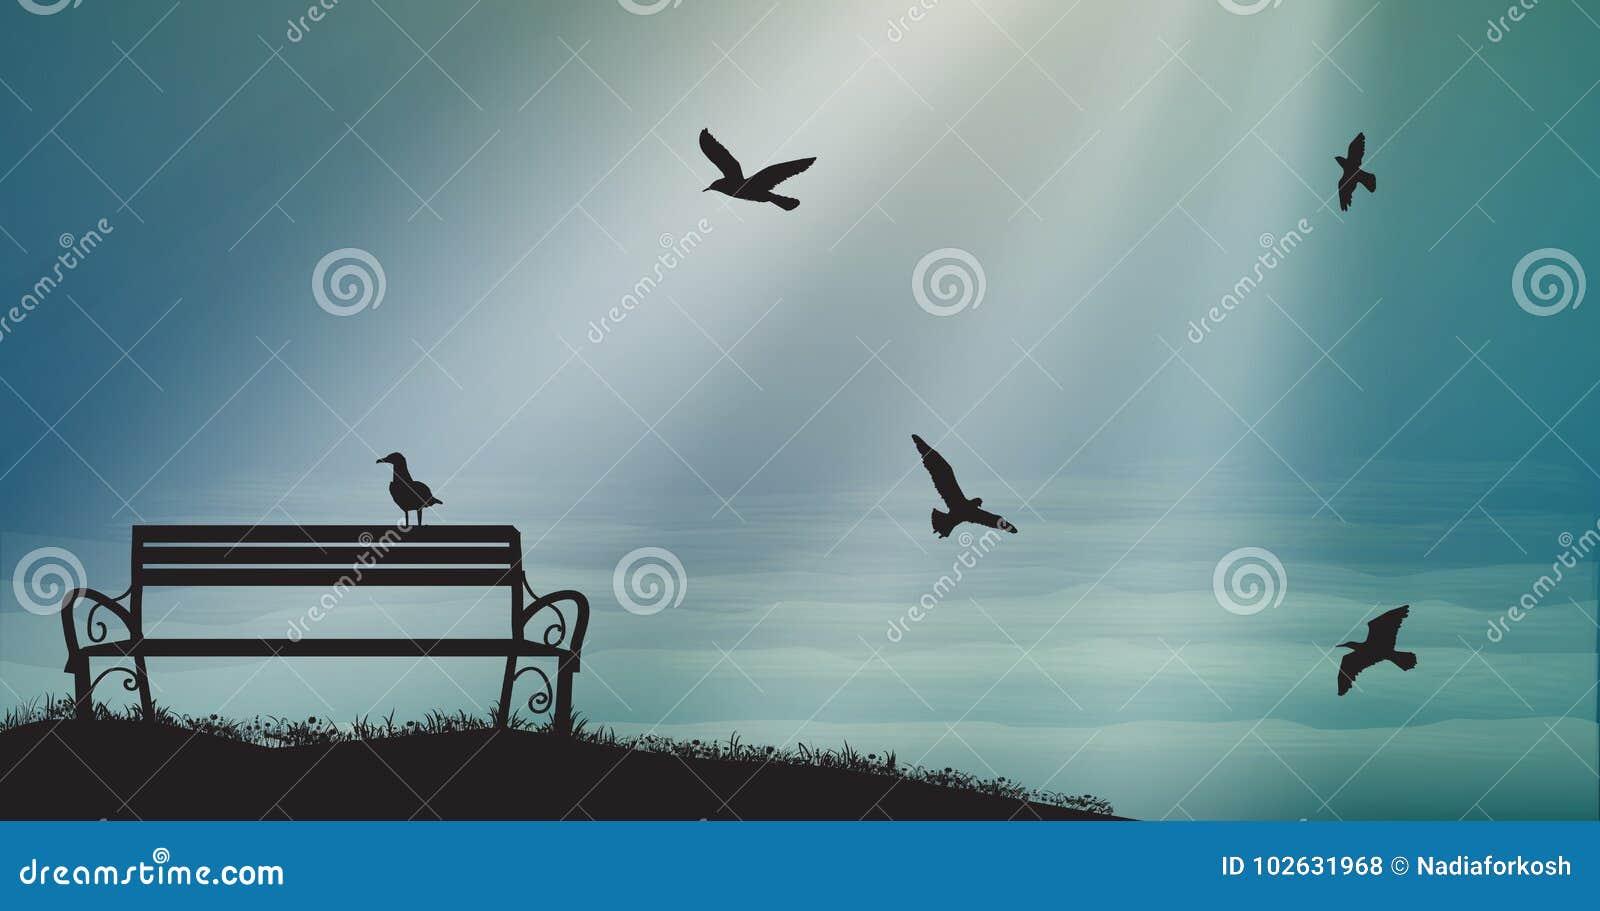 Leere Bank mit Seemöwen und Sonne strahlt, Schatten, Gedächtnisse, Seesüße Träume aus,